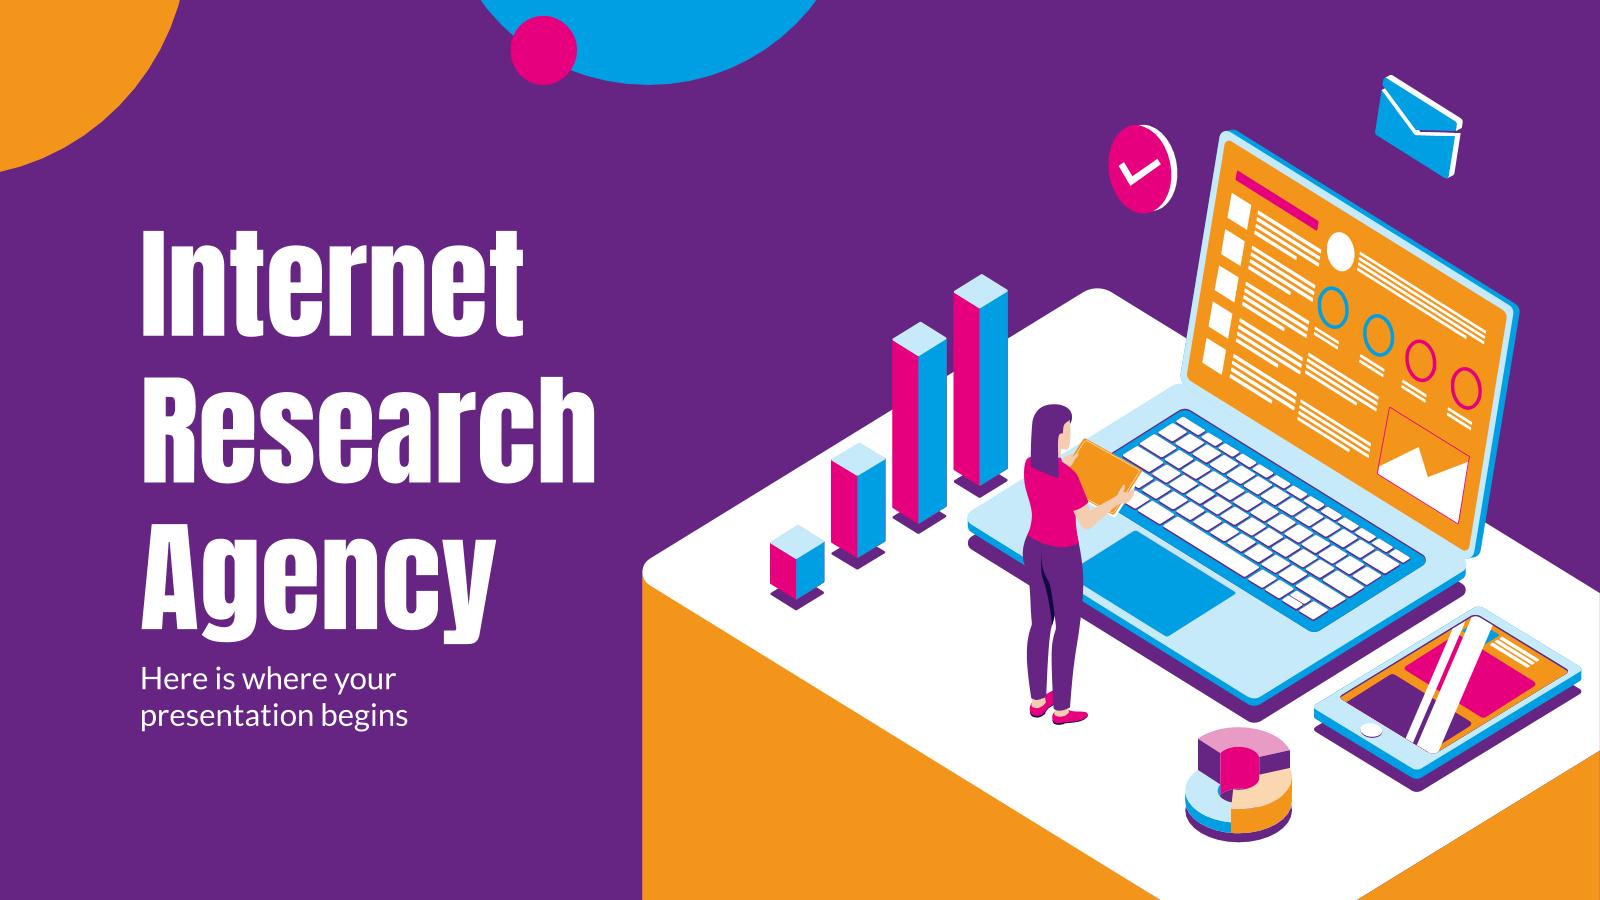 Entreprise de recherche Internet : Modèles de présentation